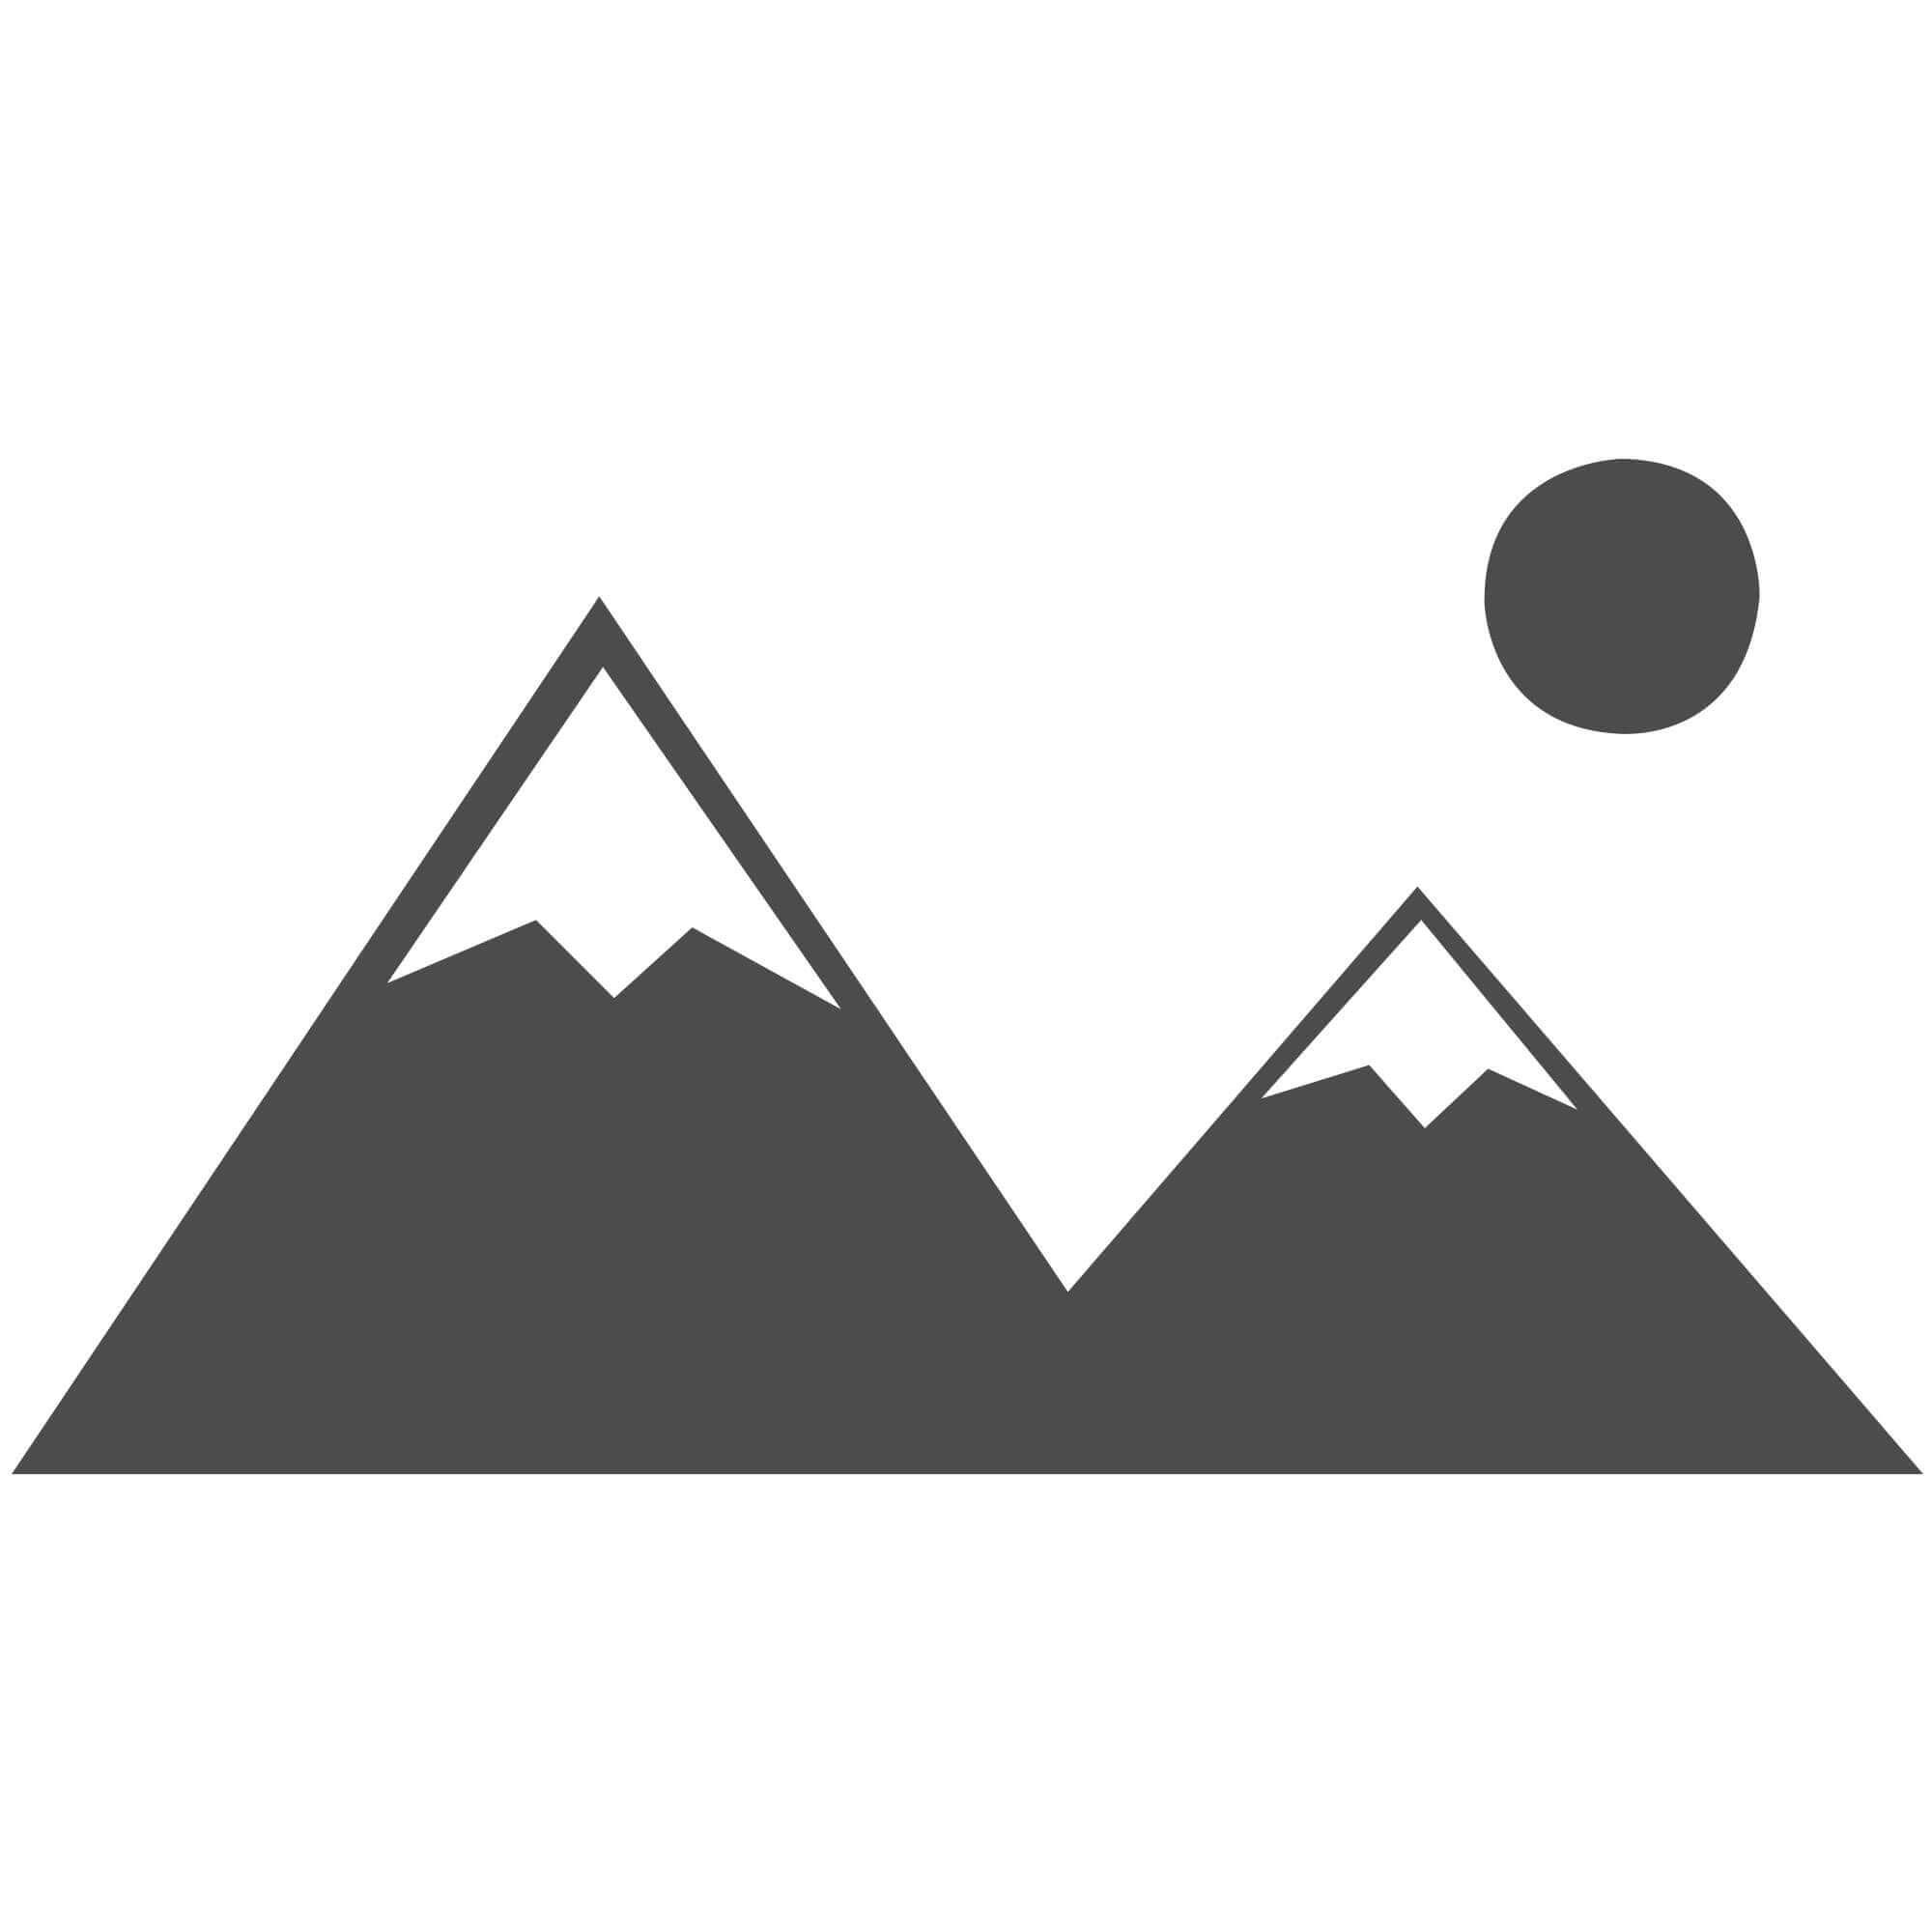 """Griot Stripe Rug - Kora - KI805 Turquoise-76 x 122 cm (2'6"""" x 4')"""